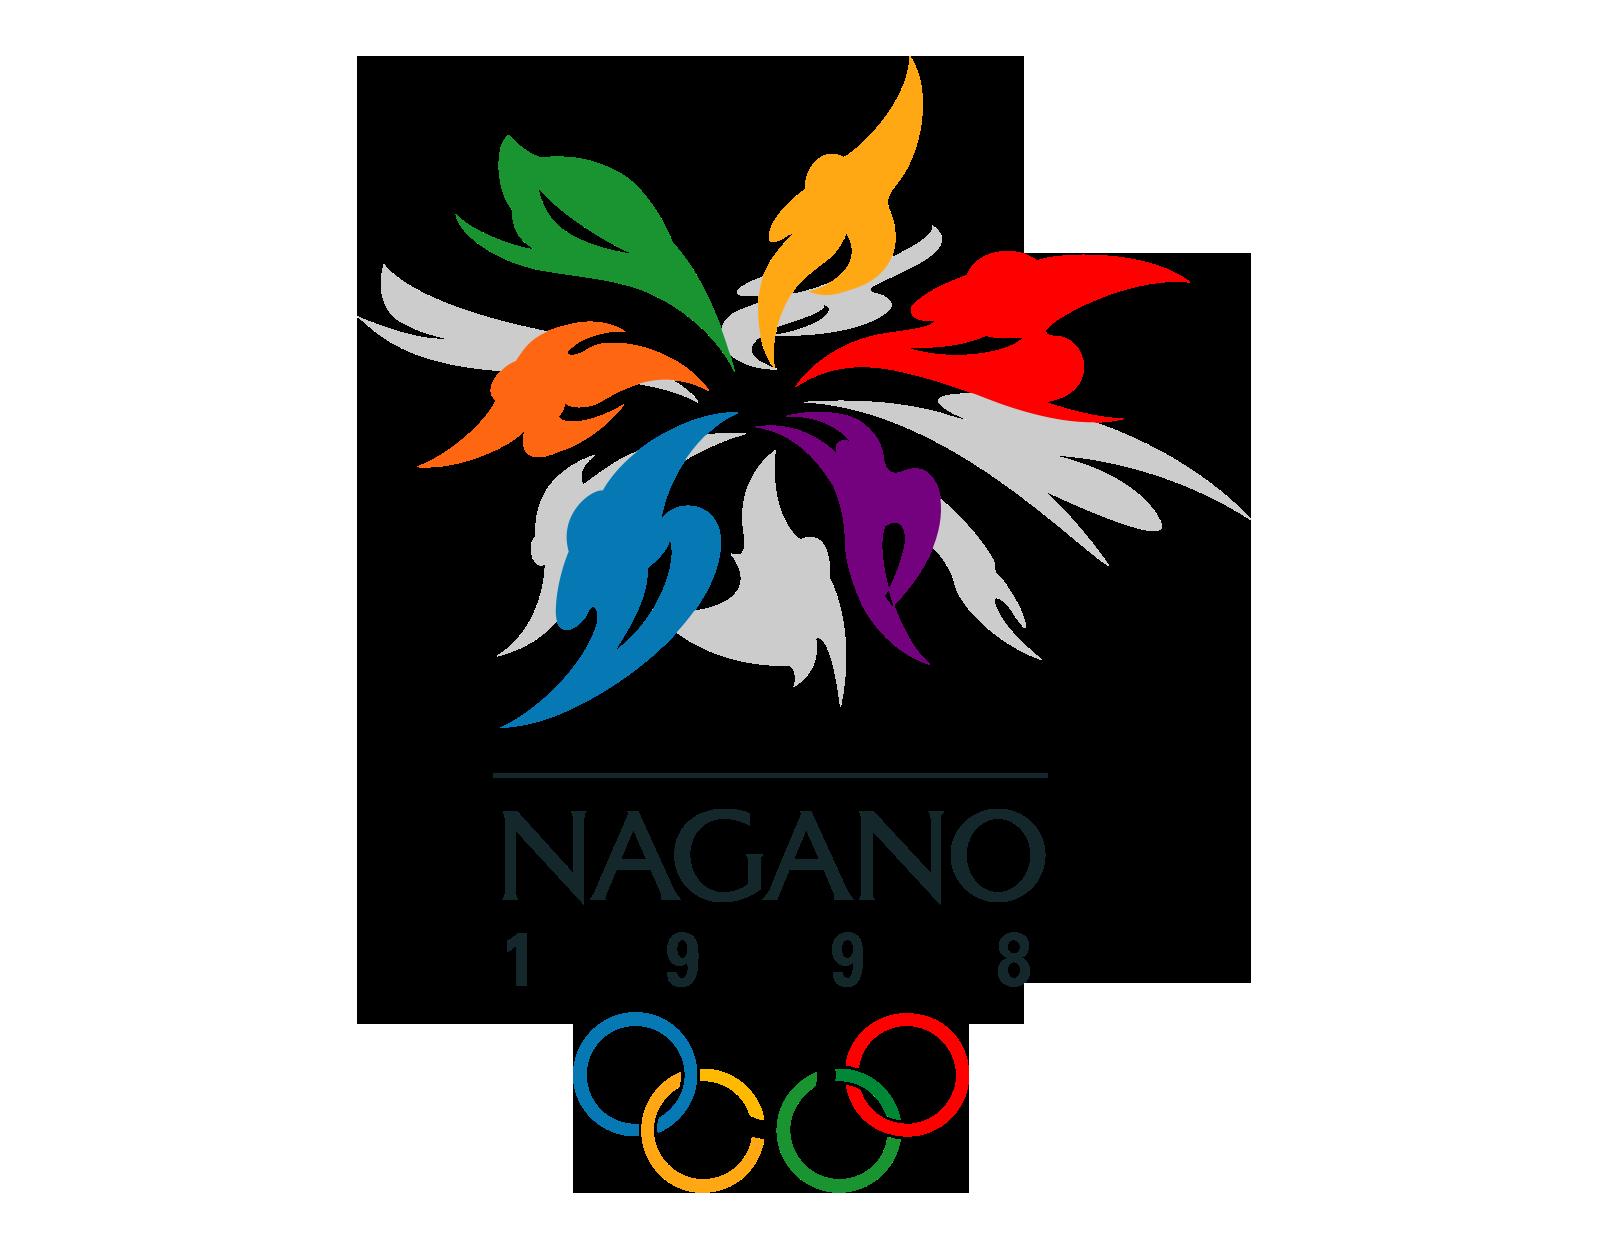 1998_Nagano_Winter_Olympics_logo